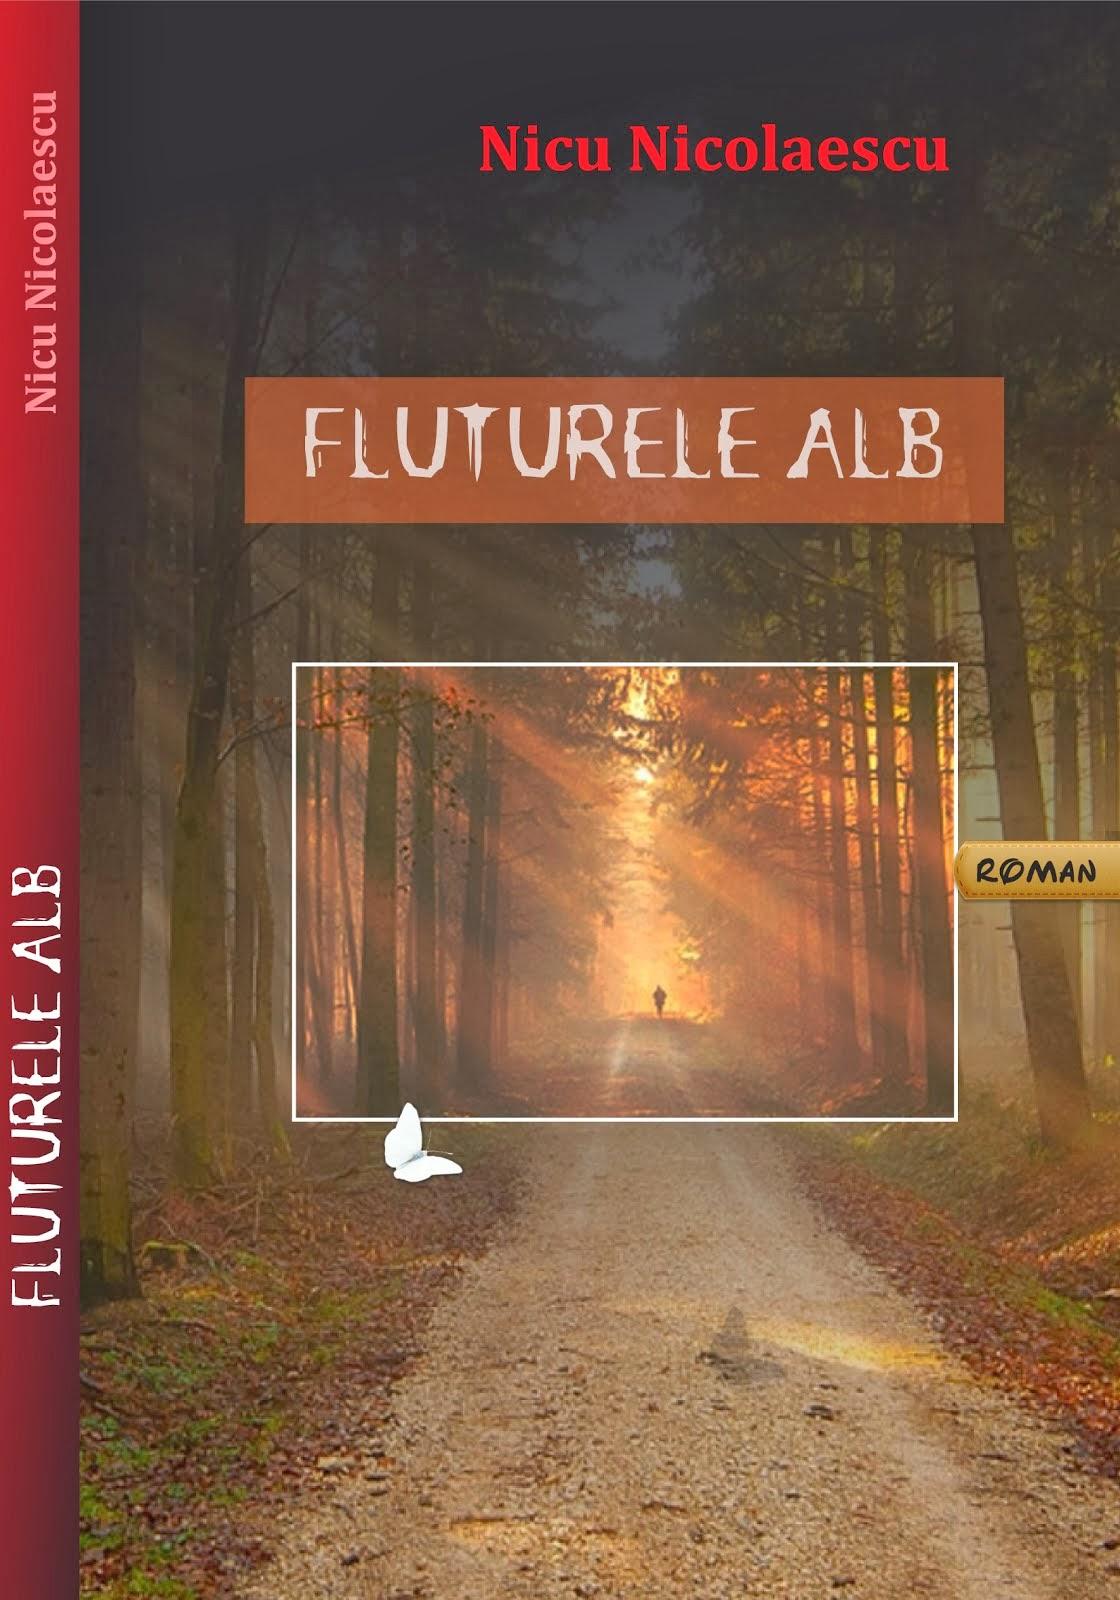 """Romanul """"Fluturele Alb"""" poate fi găsit acum și în rețeaua de librării """"Librarius"""". Lectură plăcută!"""